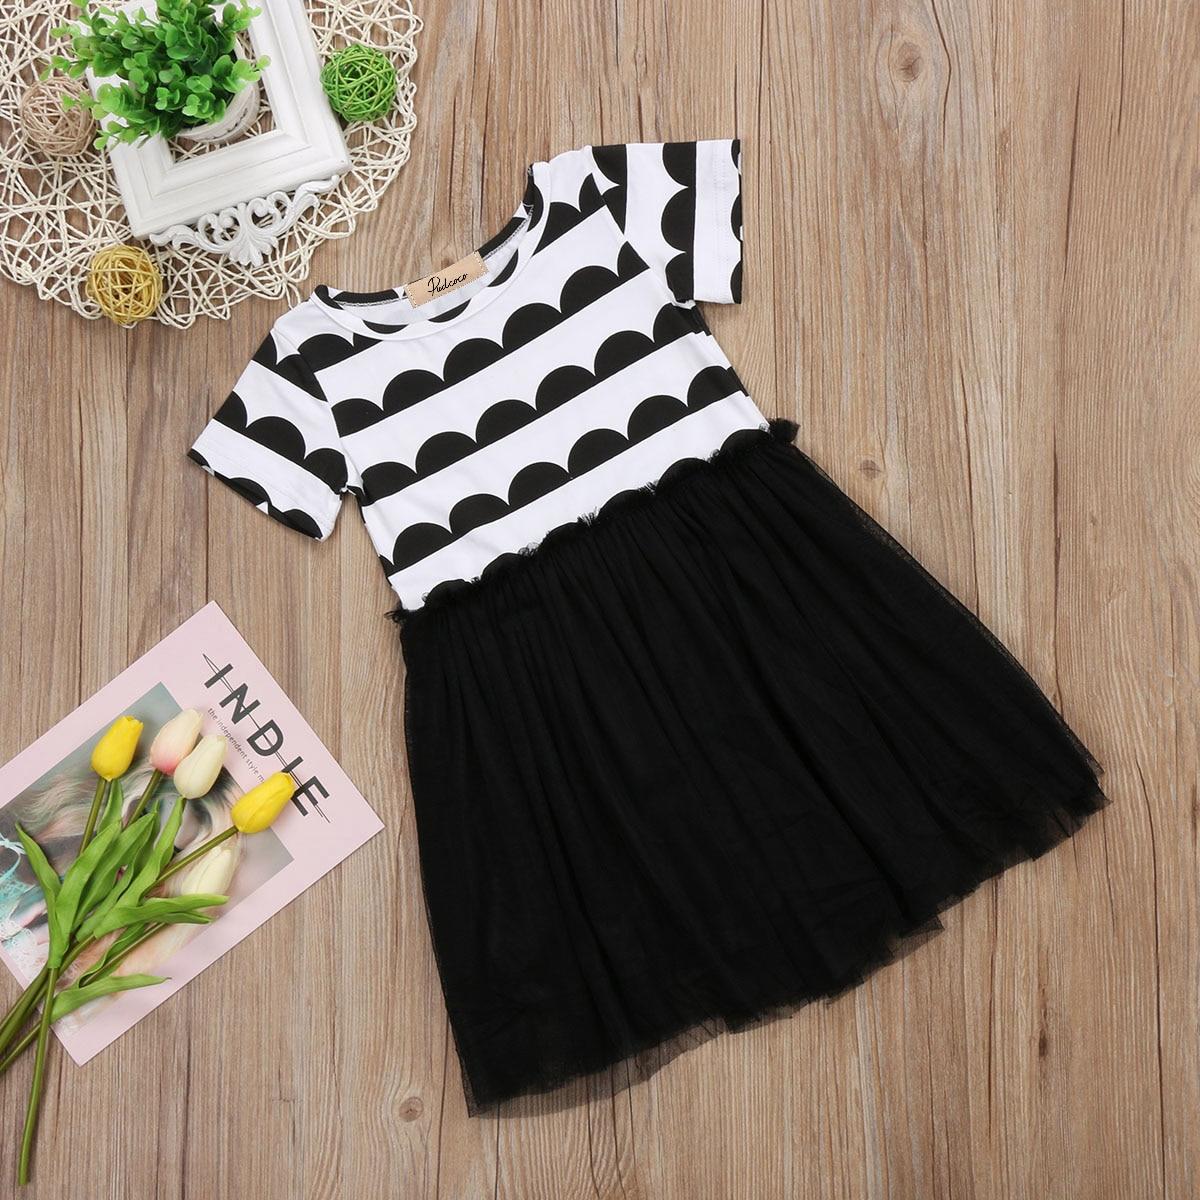 Fein Babykleid Für Partei Ideen - Hochzeit Kleid Stile Ideen ...